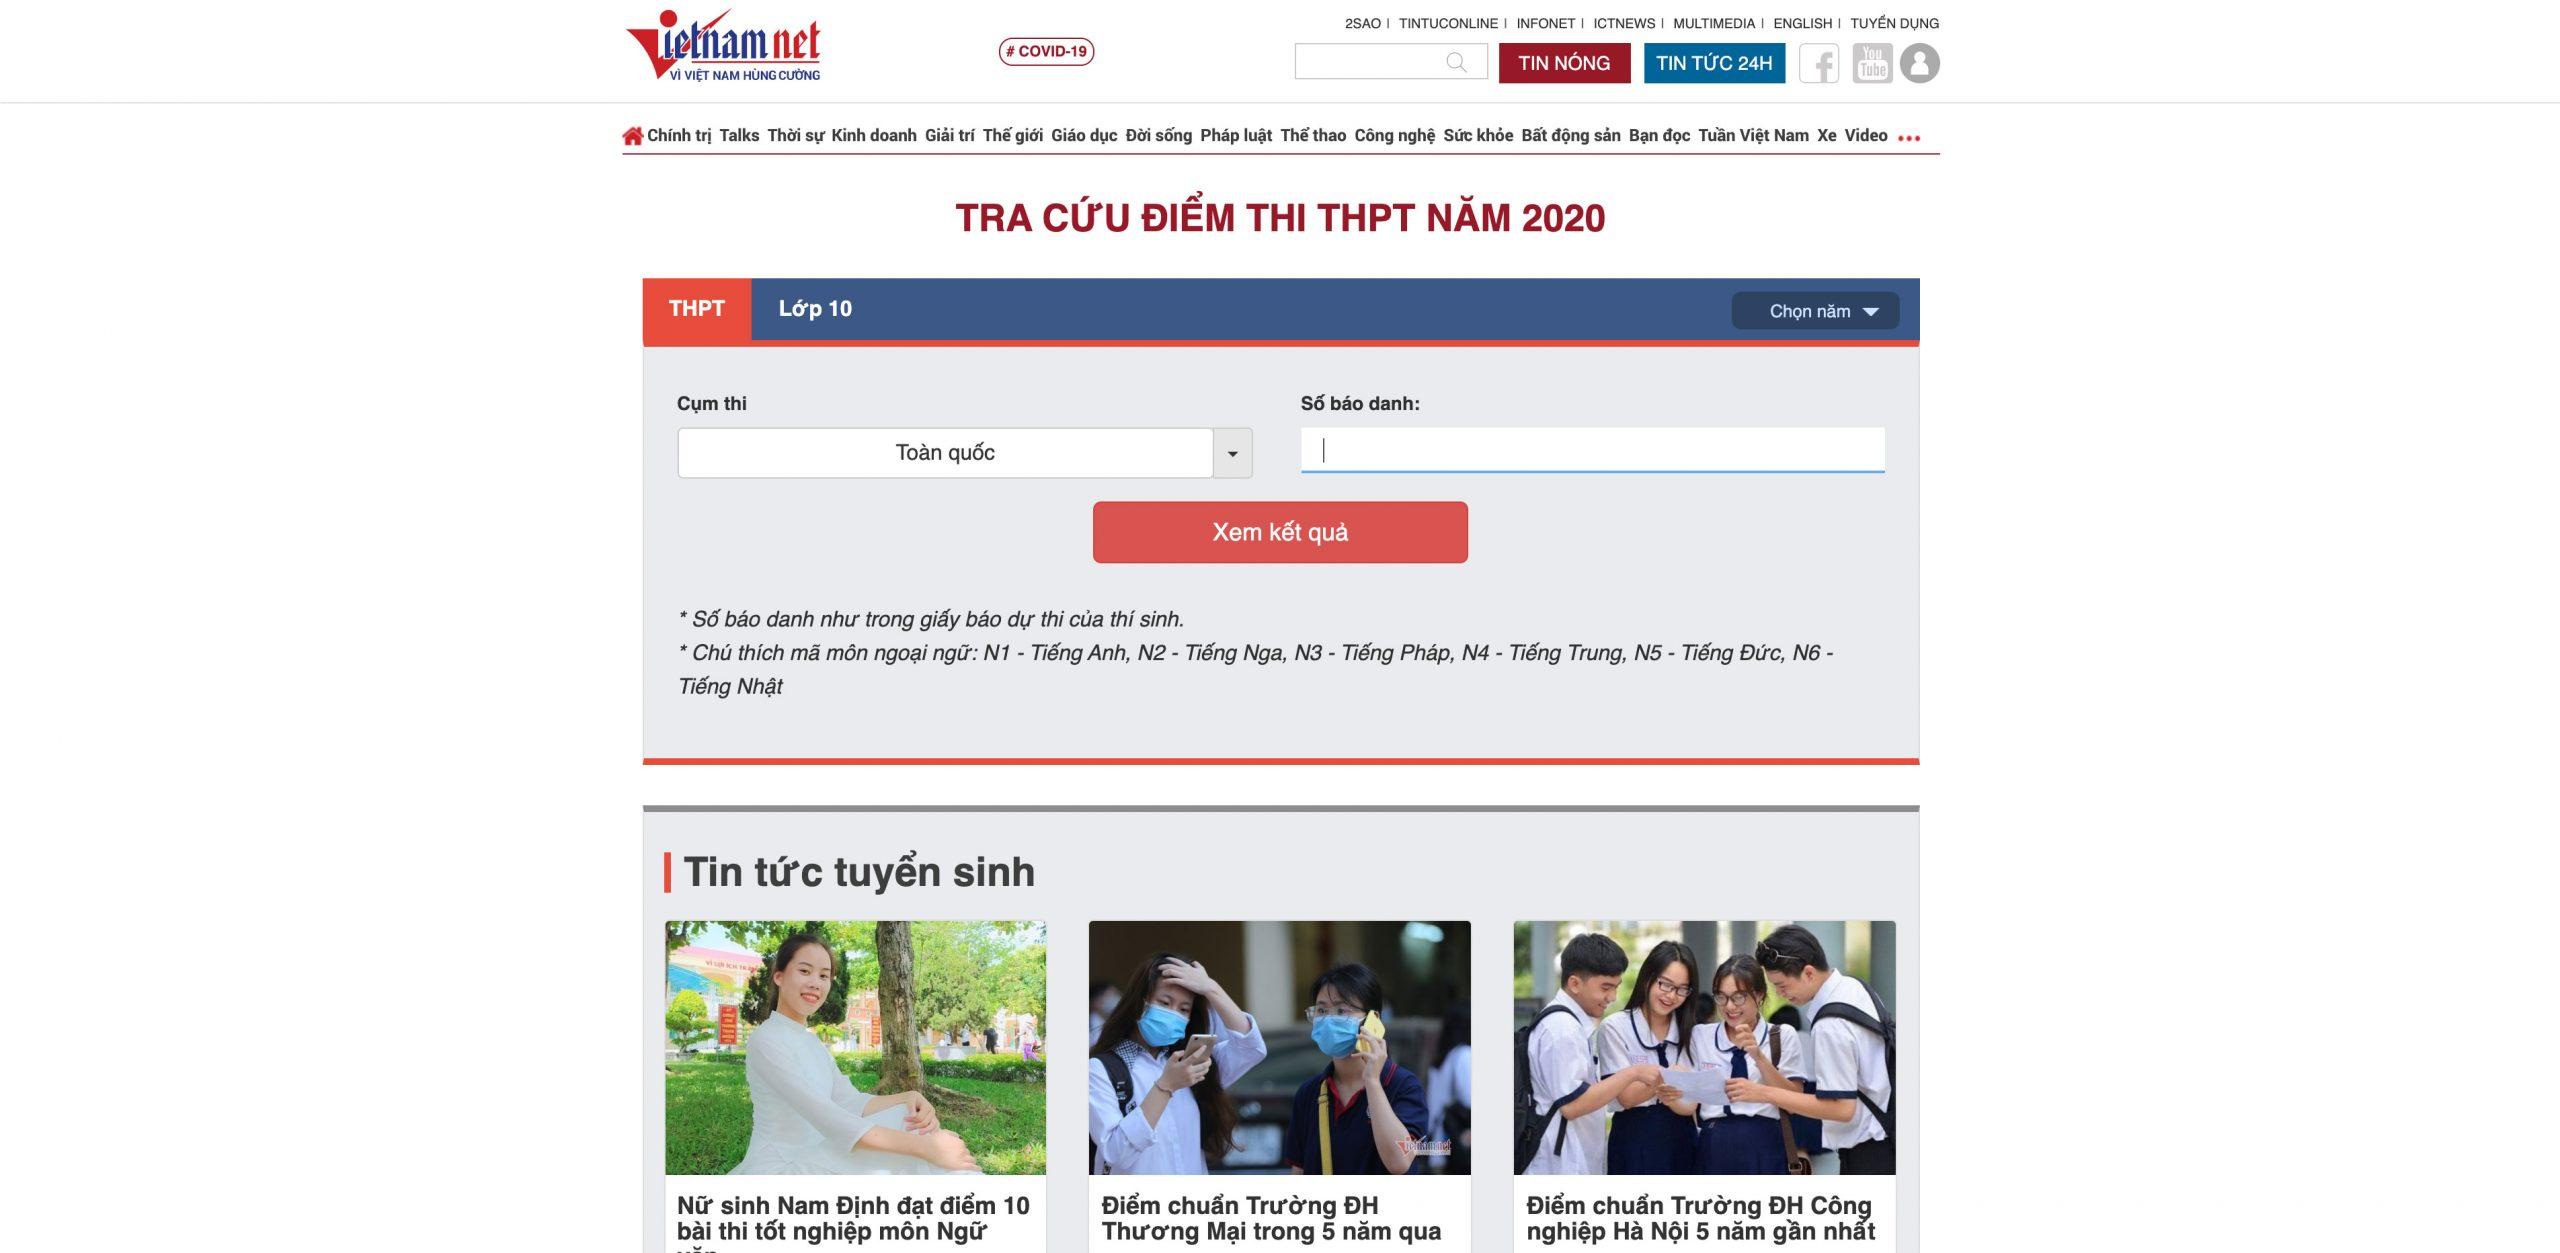 Một số trang tra cứu điểm thiTHPT Quốc gia 2020 theo số báo danh thí sinh: Báo Vietnamnet